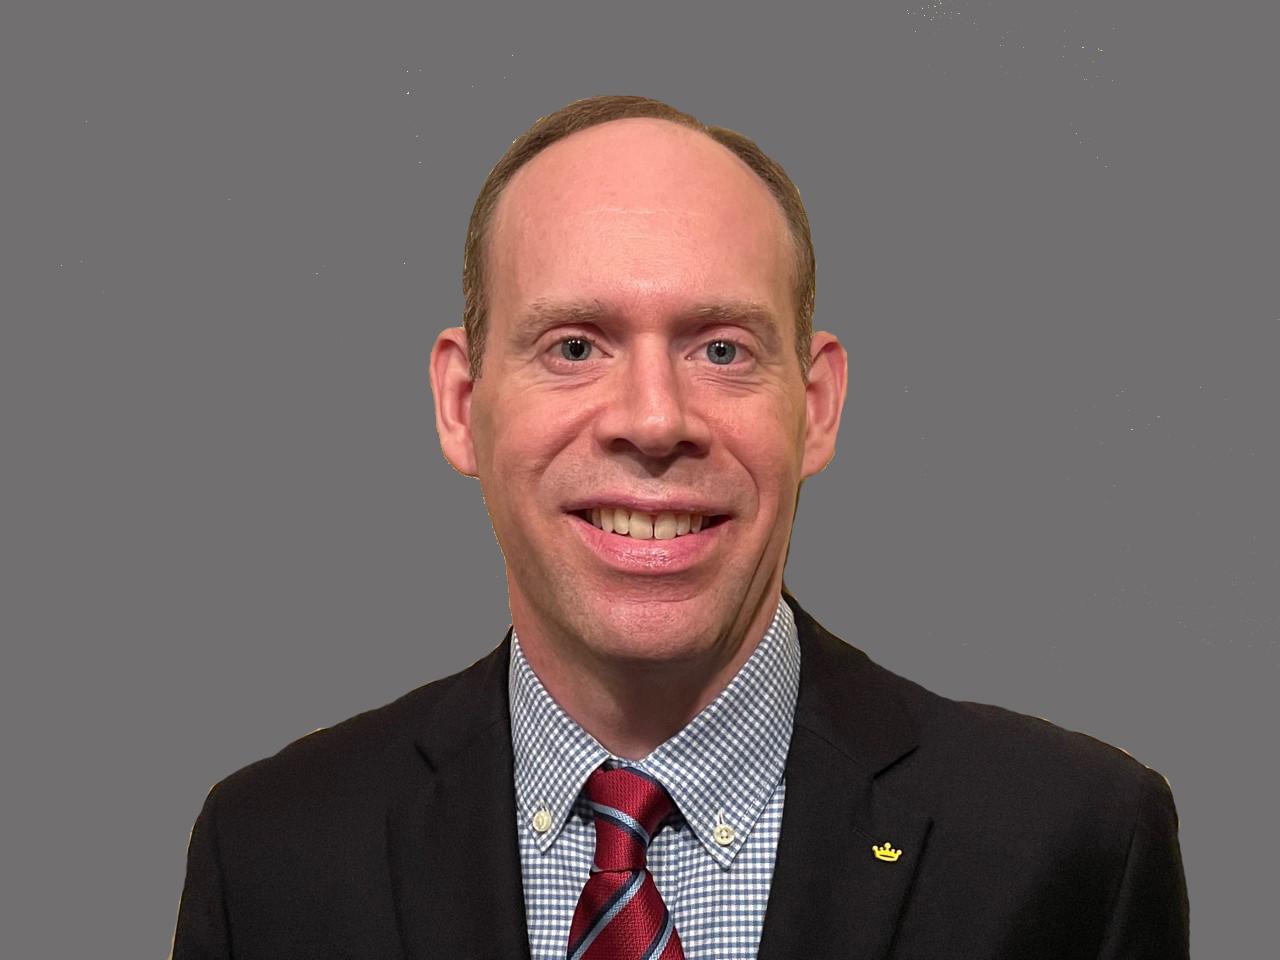 Mark Moyer